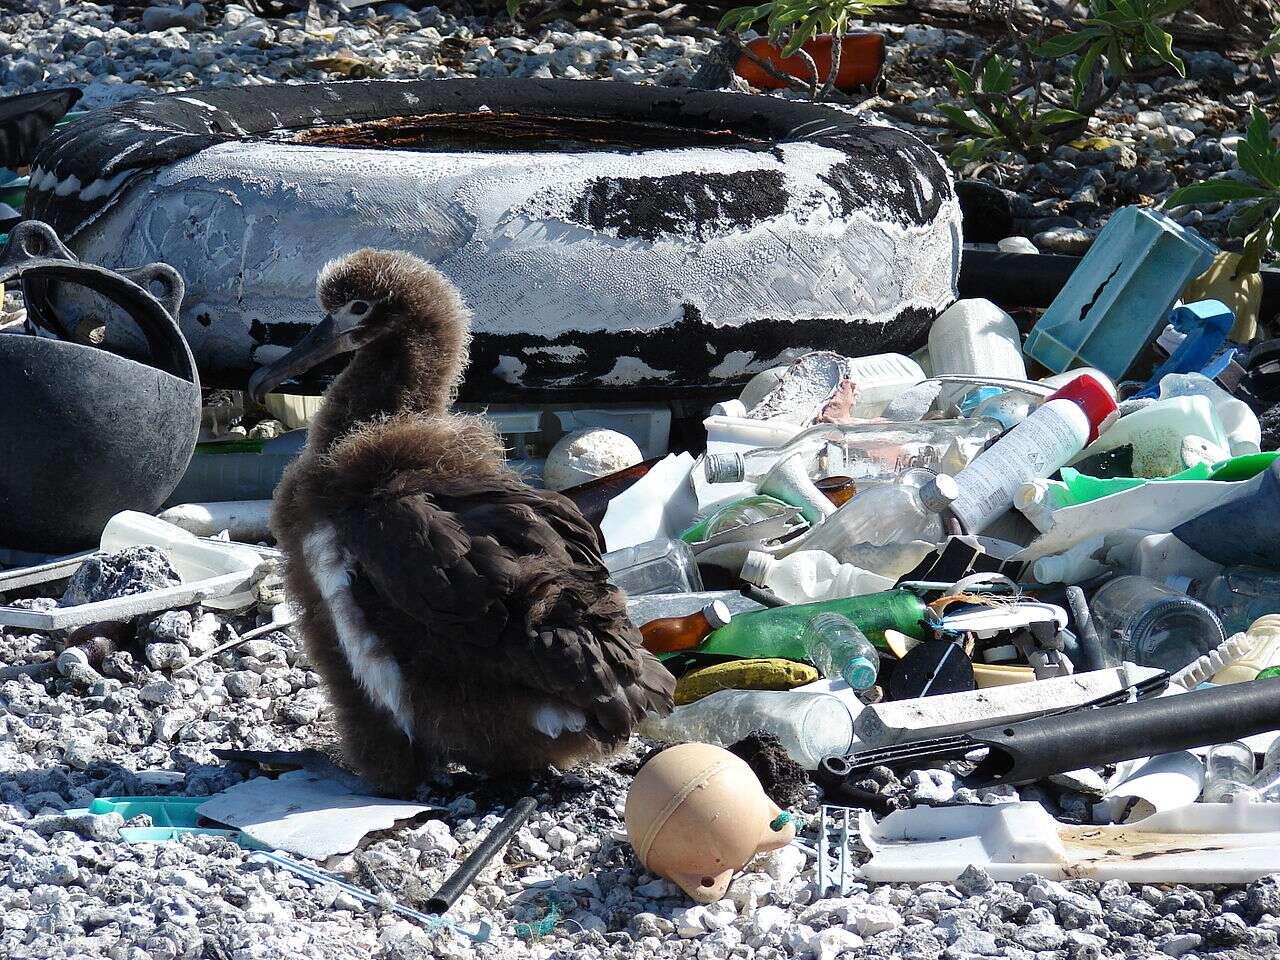 Les déchets de matières plastiques dans l'océan deviennent une source préoccupante de pollution.